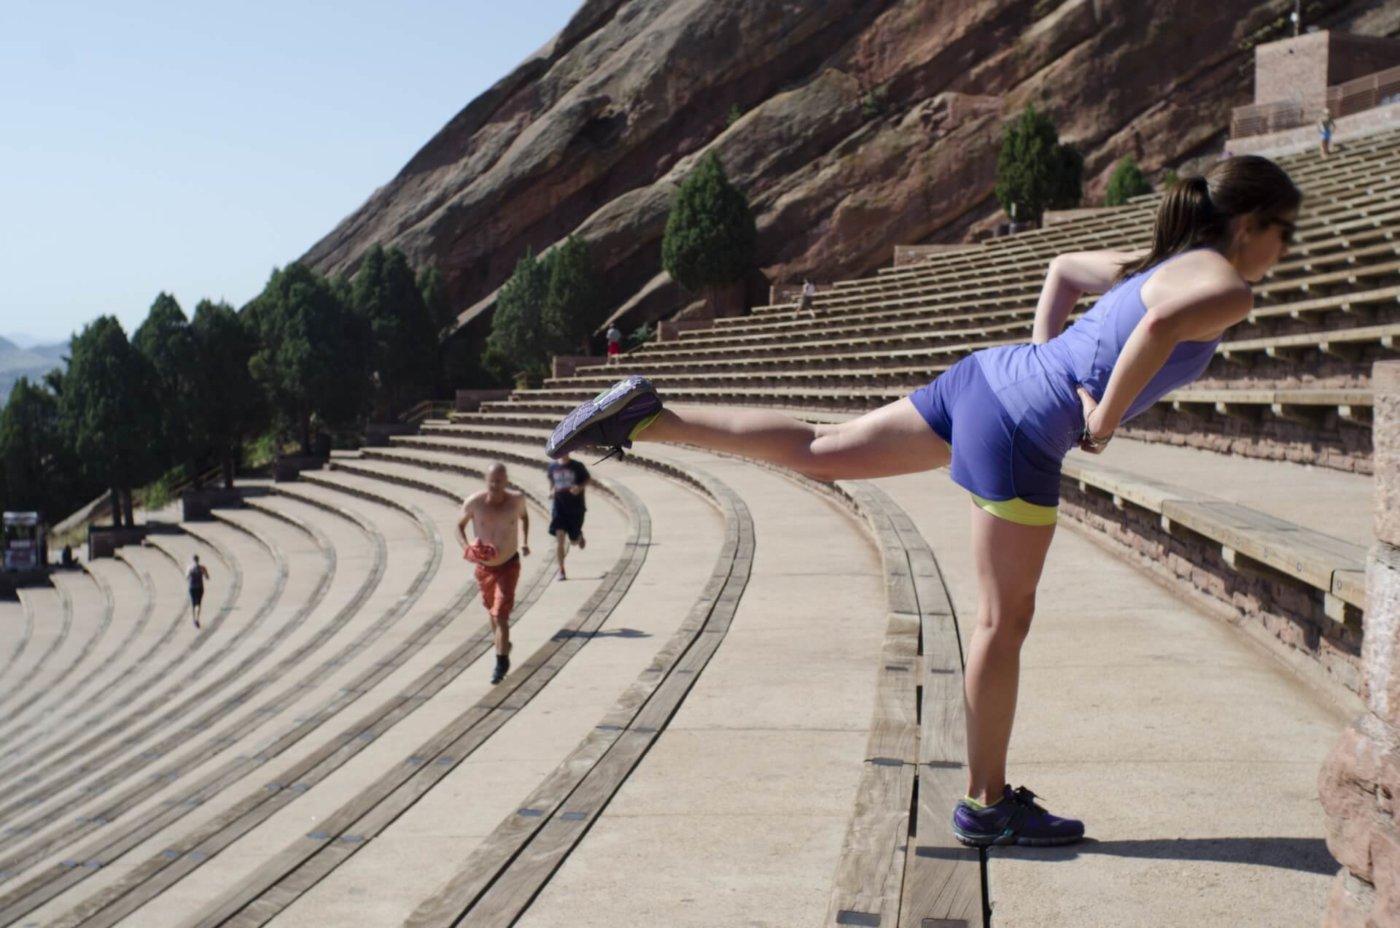 マラソン初心者の練習方法